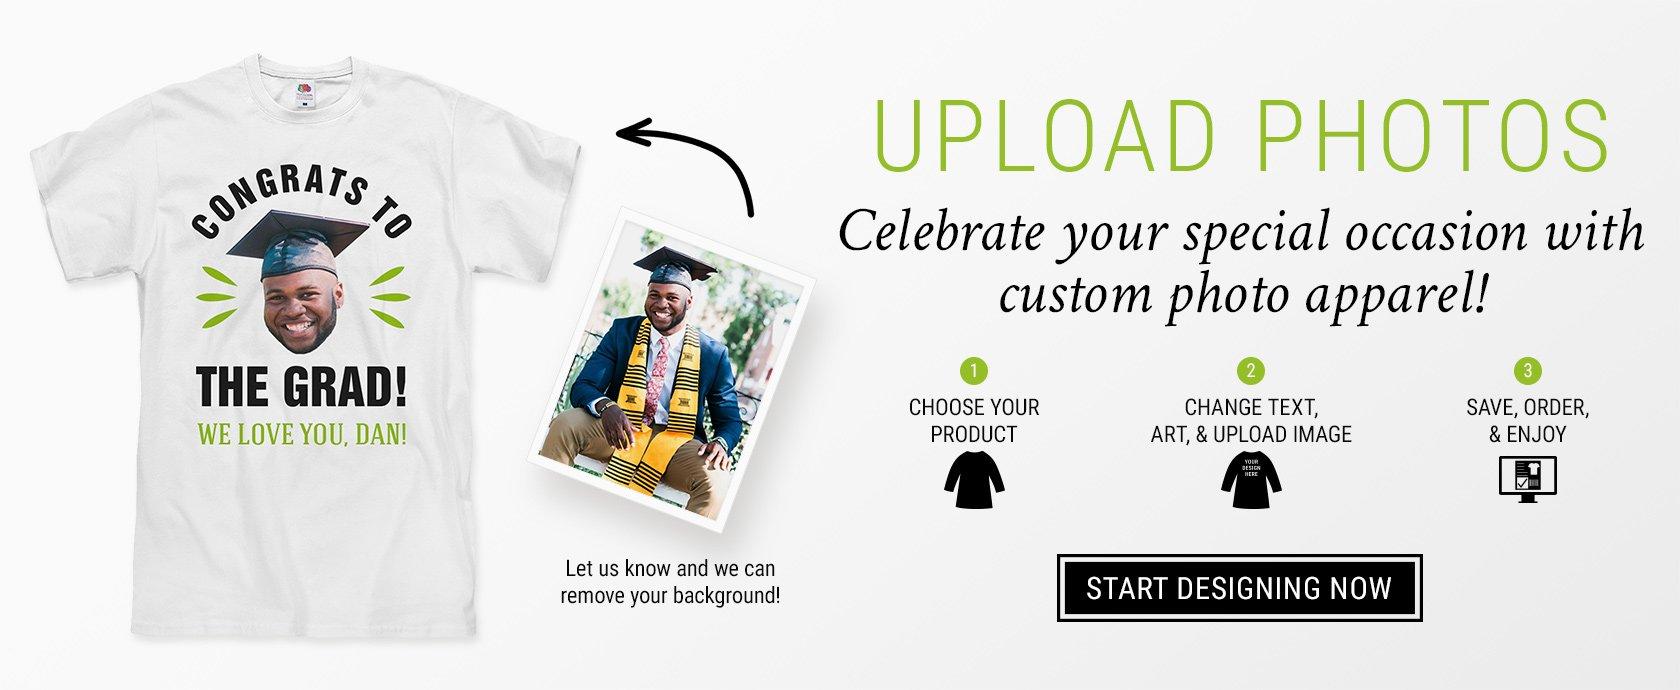 Custom Uploaded Photo Shirts